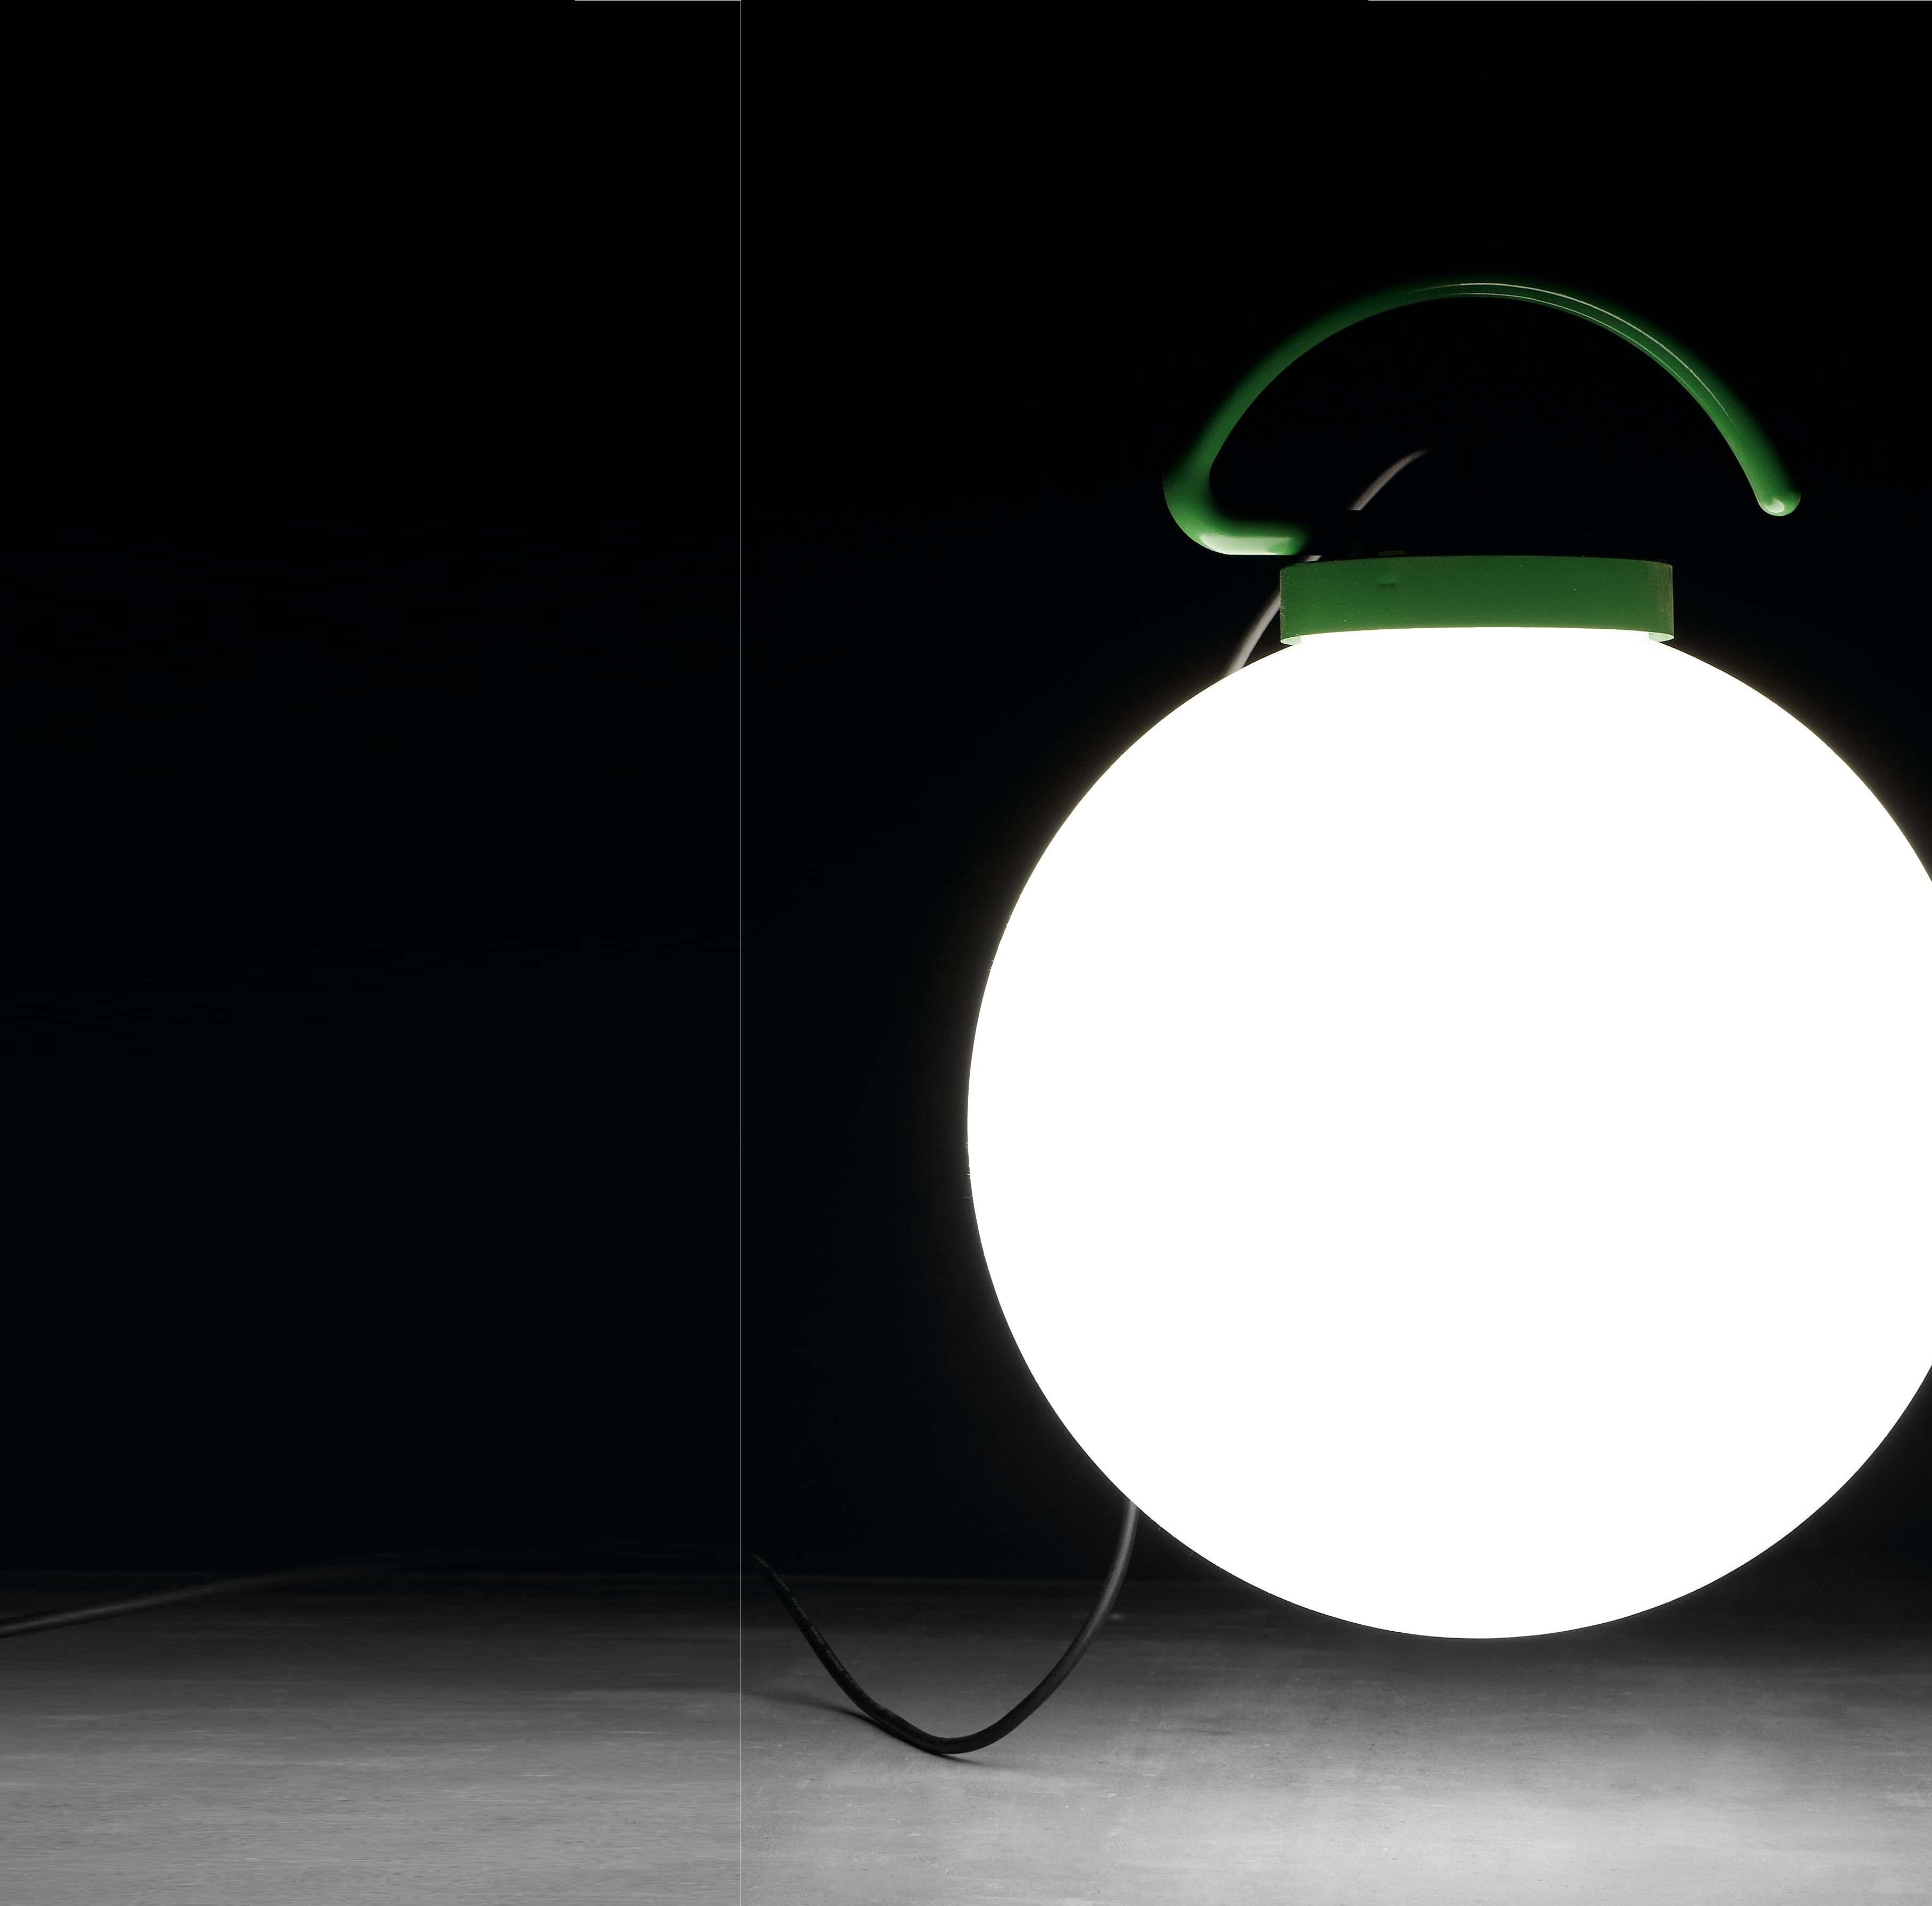 Lampe baladeuse d 39 ext rieur nuk blanc vert h41 6cm for Baladeuse design exterieur